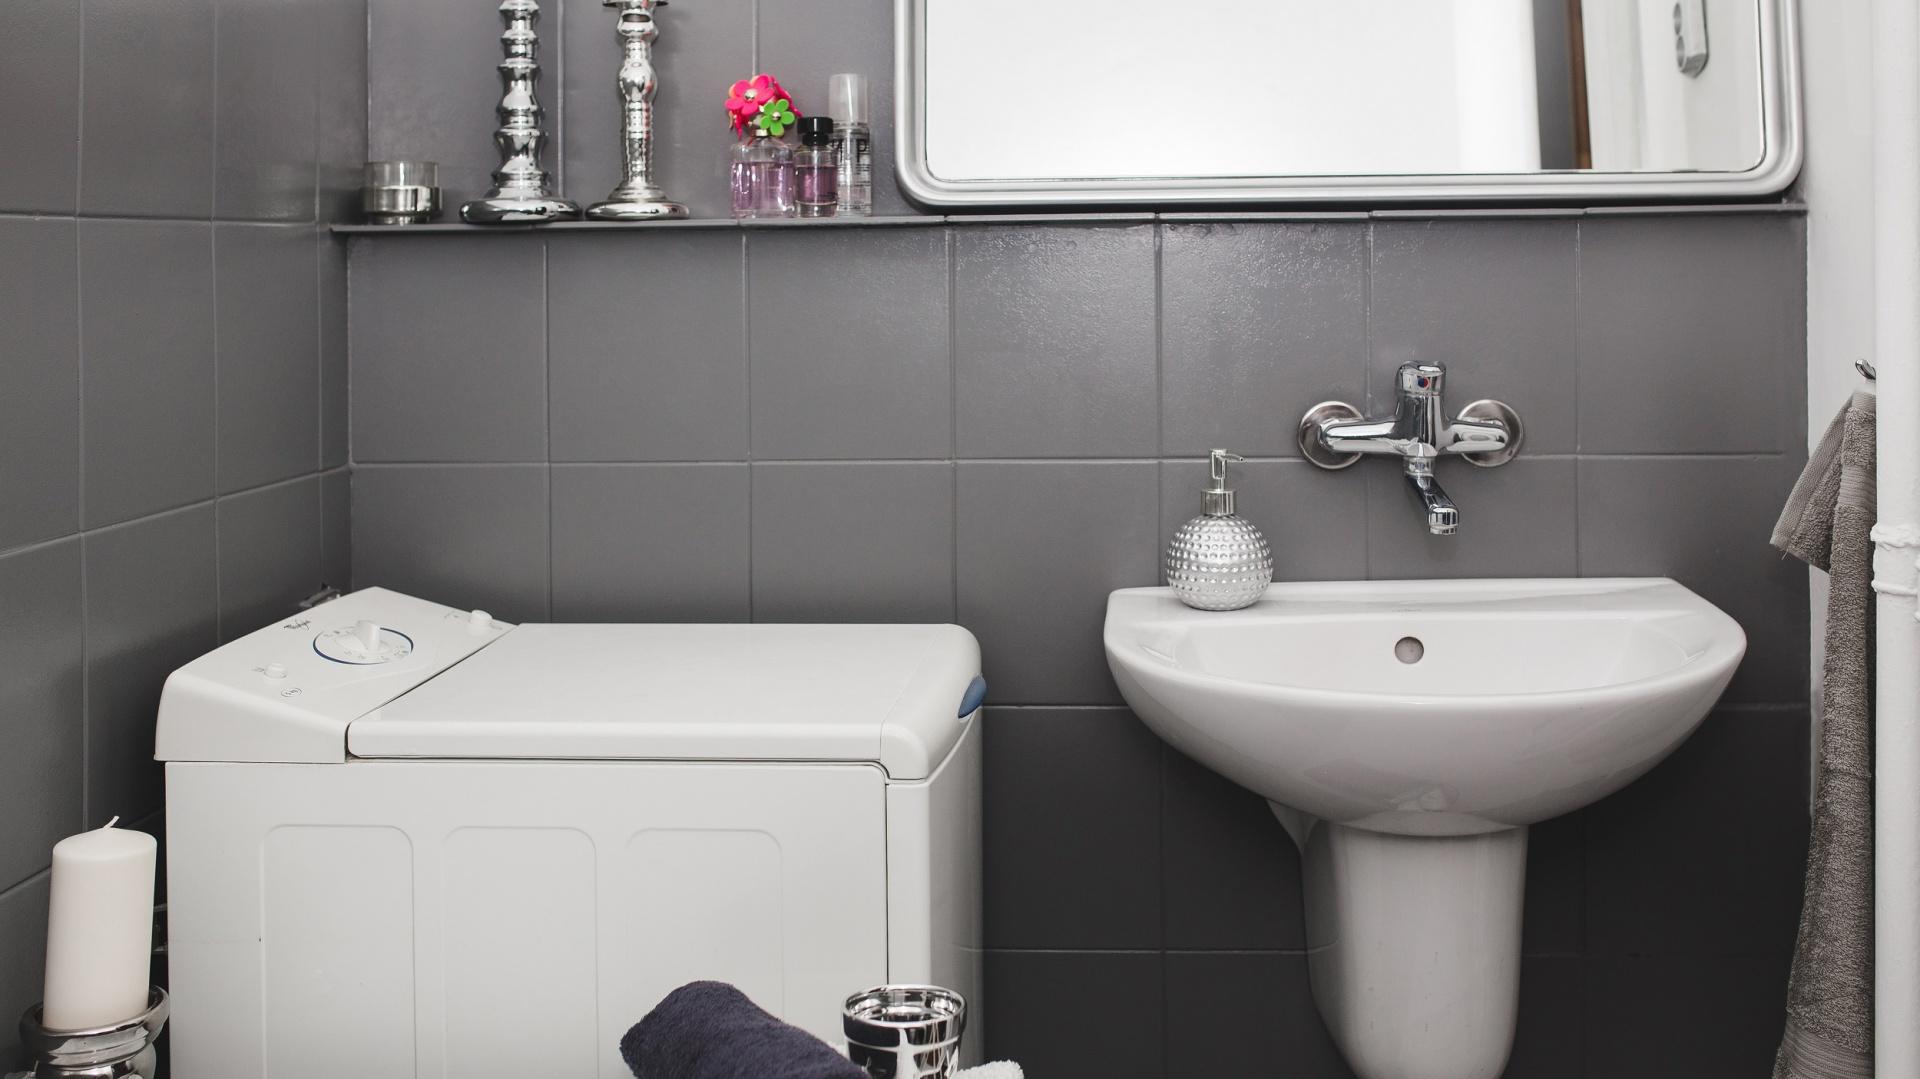 Metamorfoza Małej łazienki Zdjęcia Przed I Po Remoncie